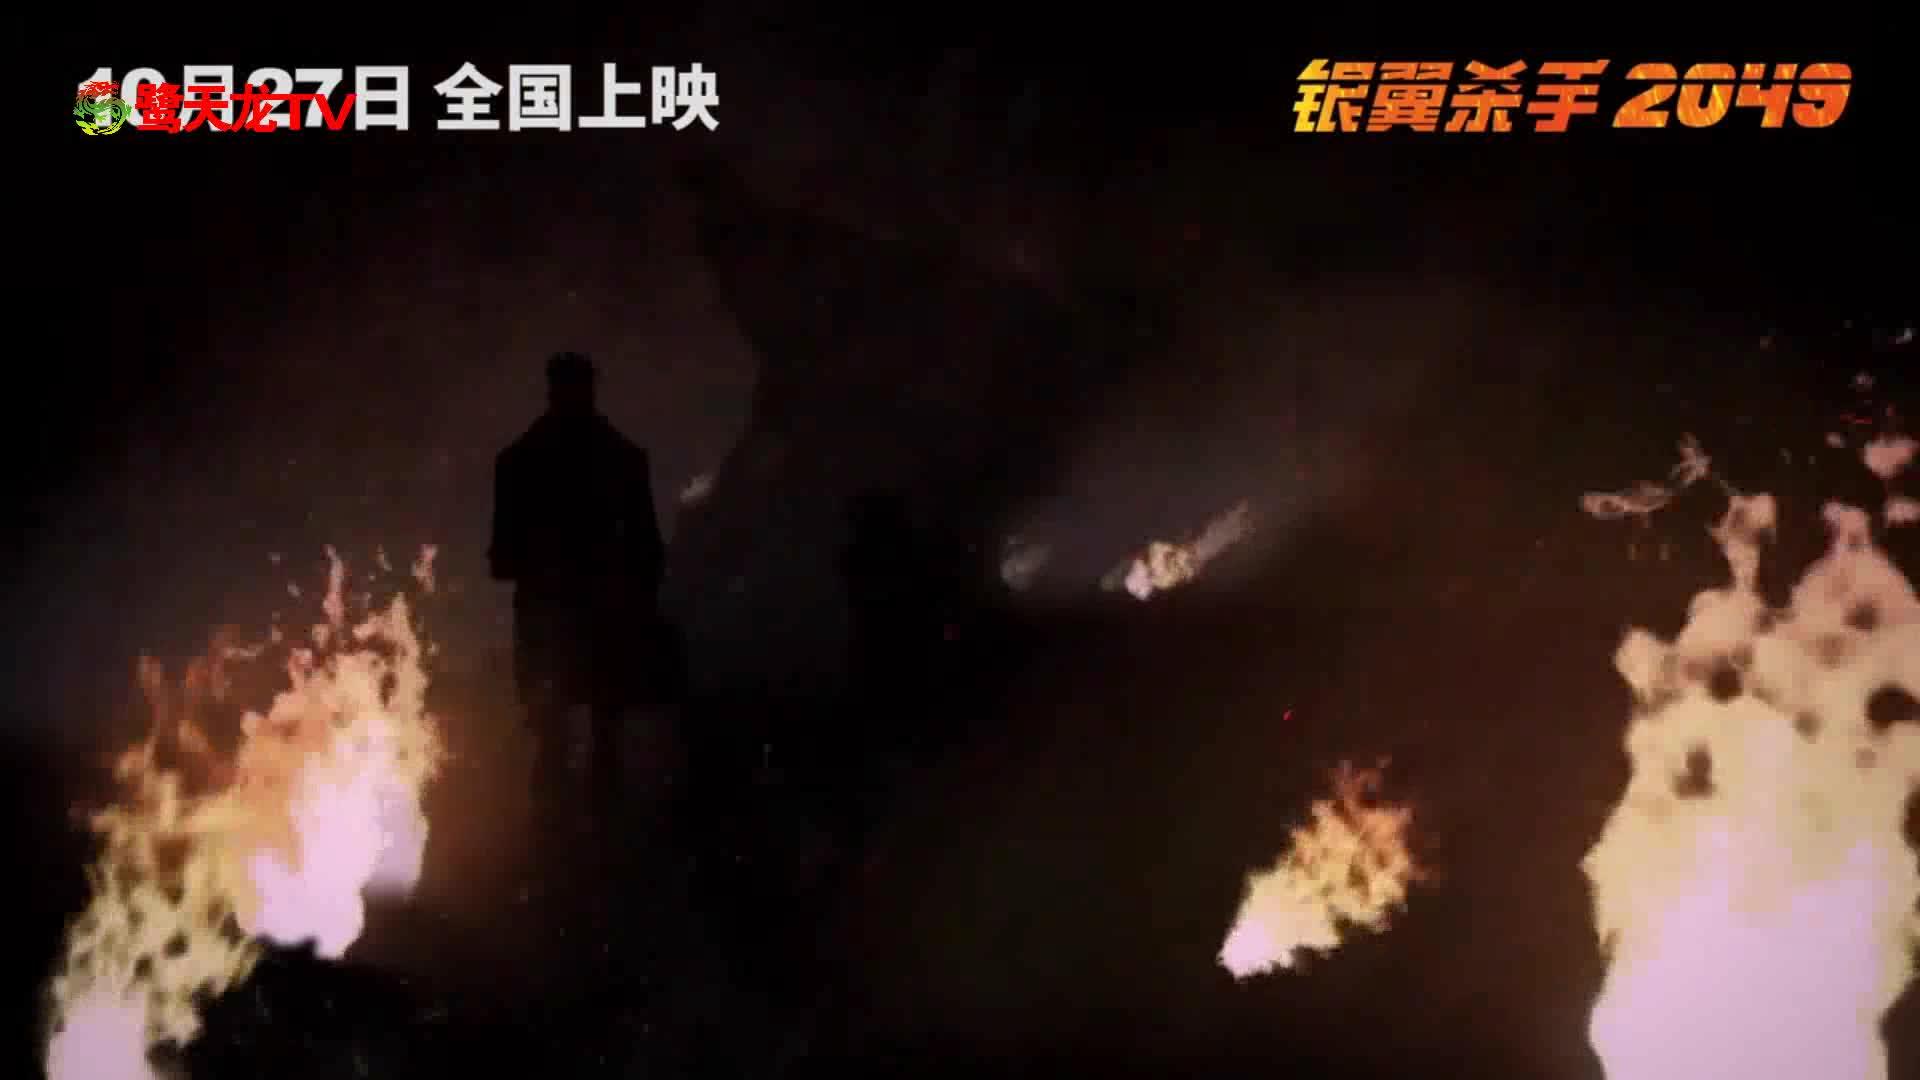 《银翼杀手2049》动画界昆汀渡边信一郎掌镜